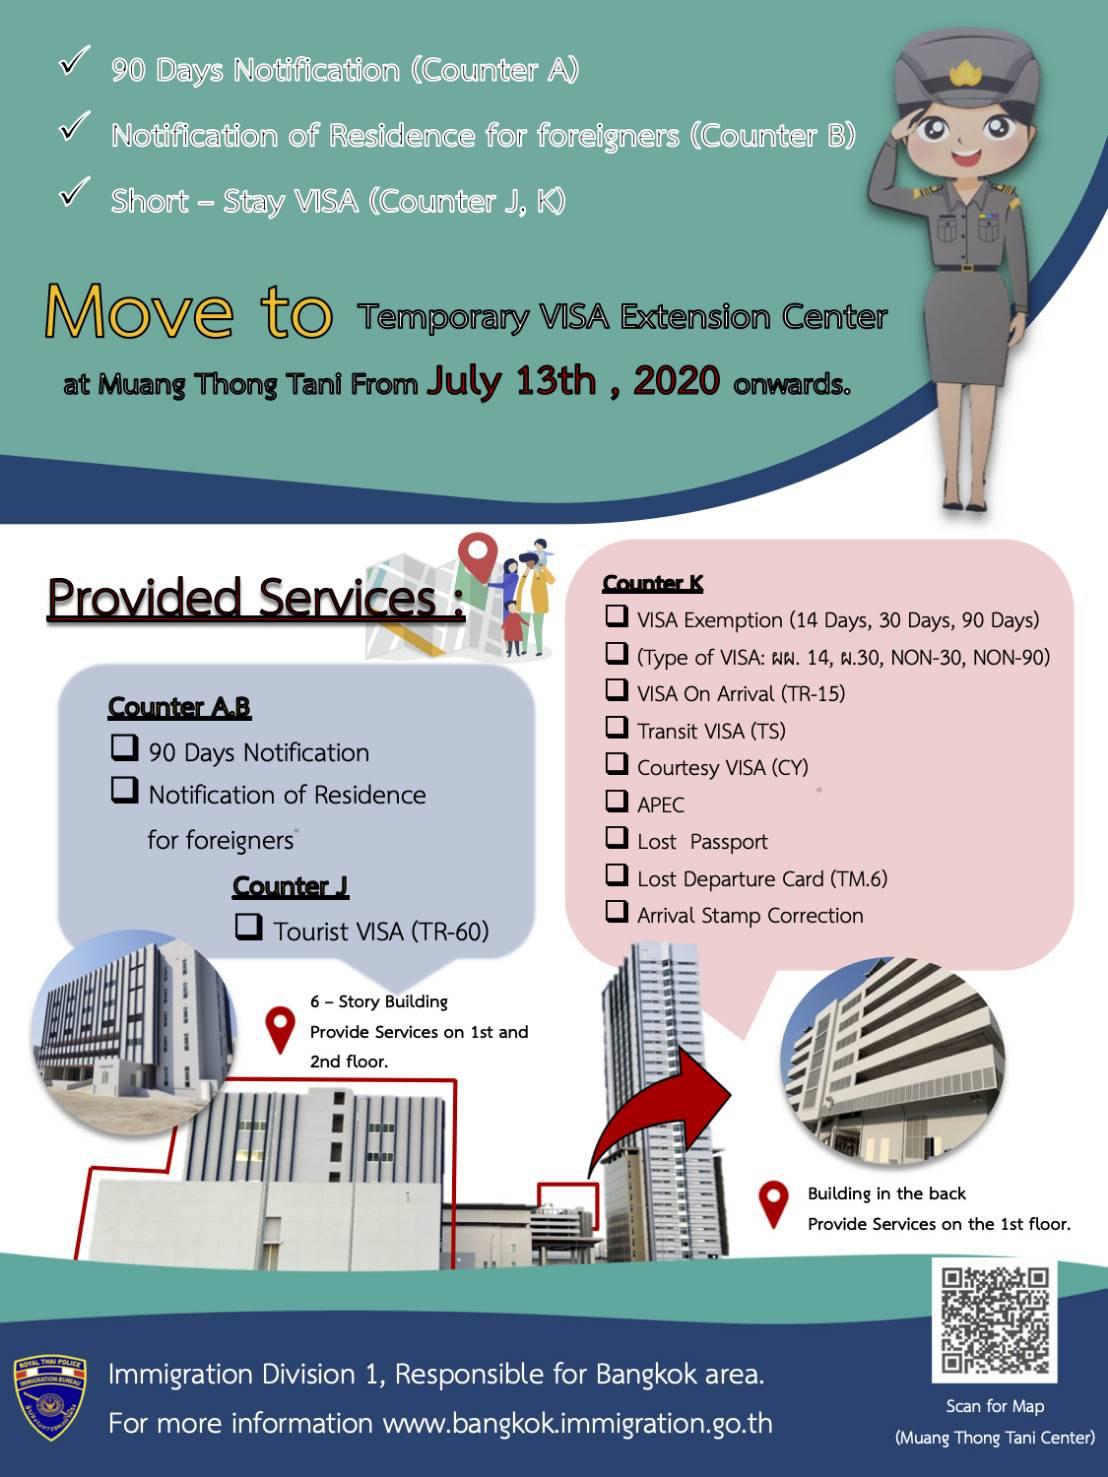 Move to Temporary VISA Extension Center at Muang Thong Tani